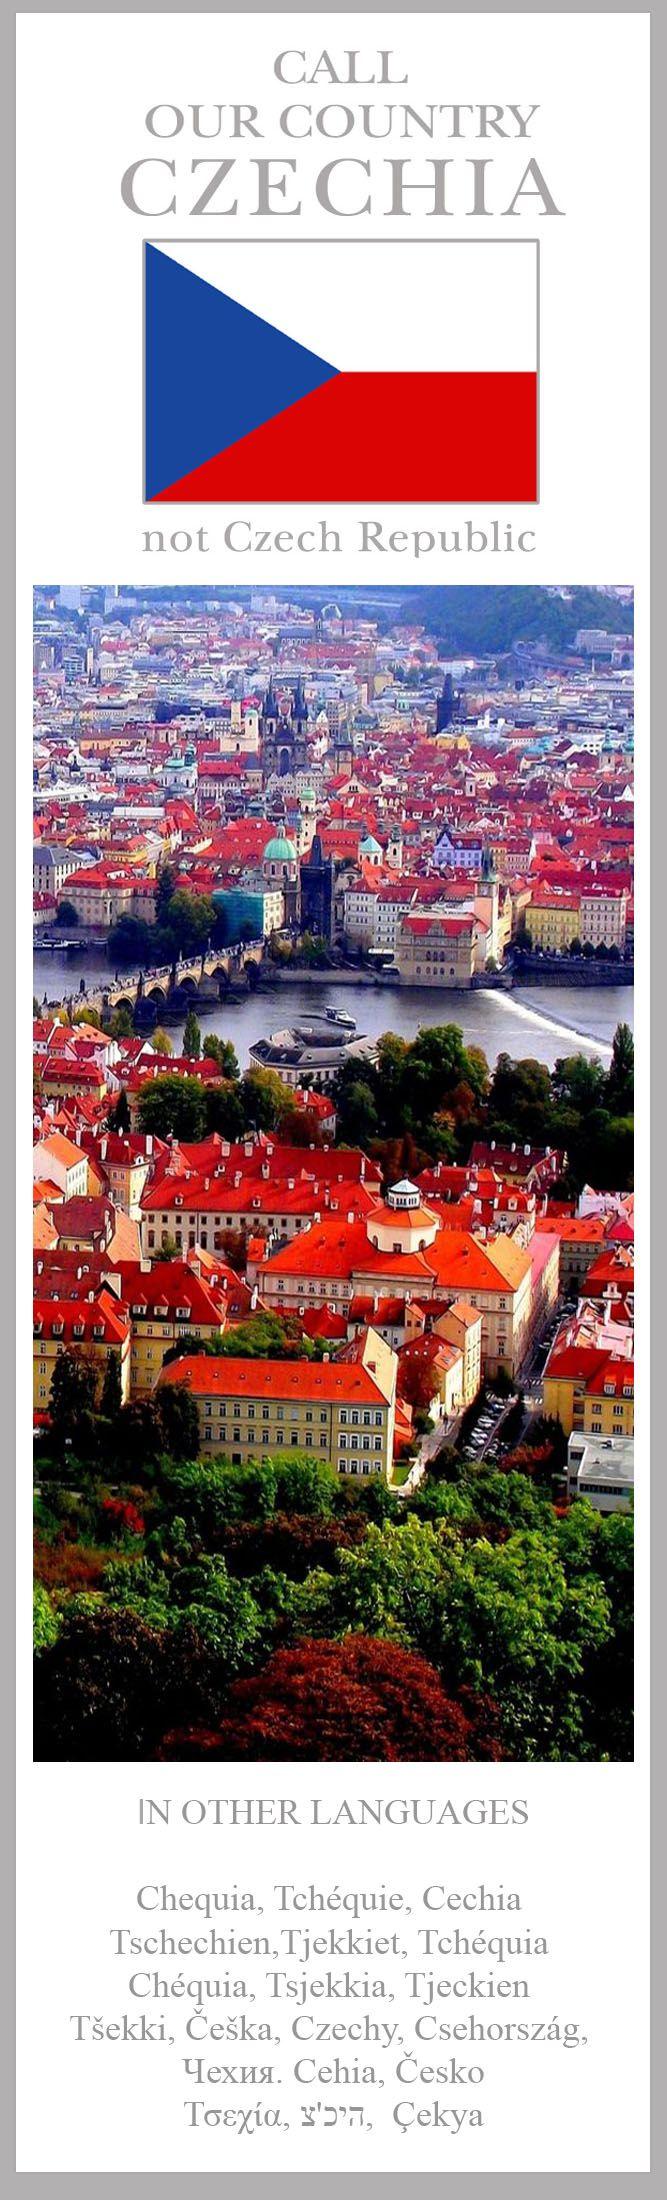 CALL OUR COUNTRY CZECHIA #Czechia #Chequia #Tchéquie #Cechia #Tschechien #Tjekkiet #Tsjechië #Tsjekkia #Tjeckien #Češka #Csehország #Czechy #Чехия #Cehia #Česko #Τσεχία #צ'כיה